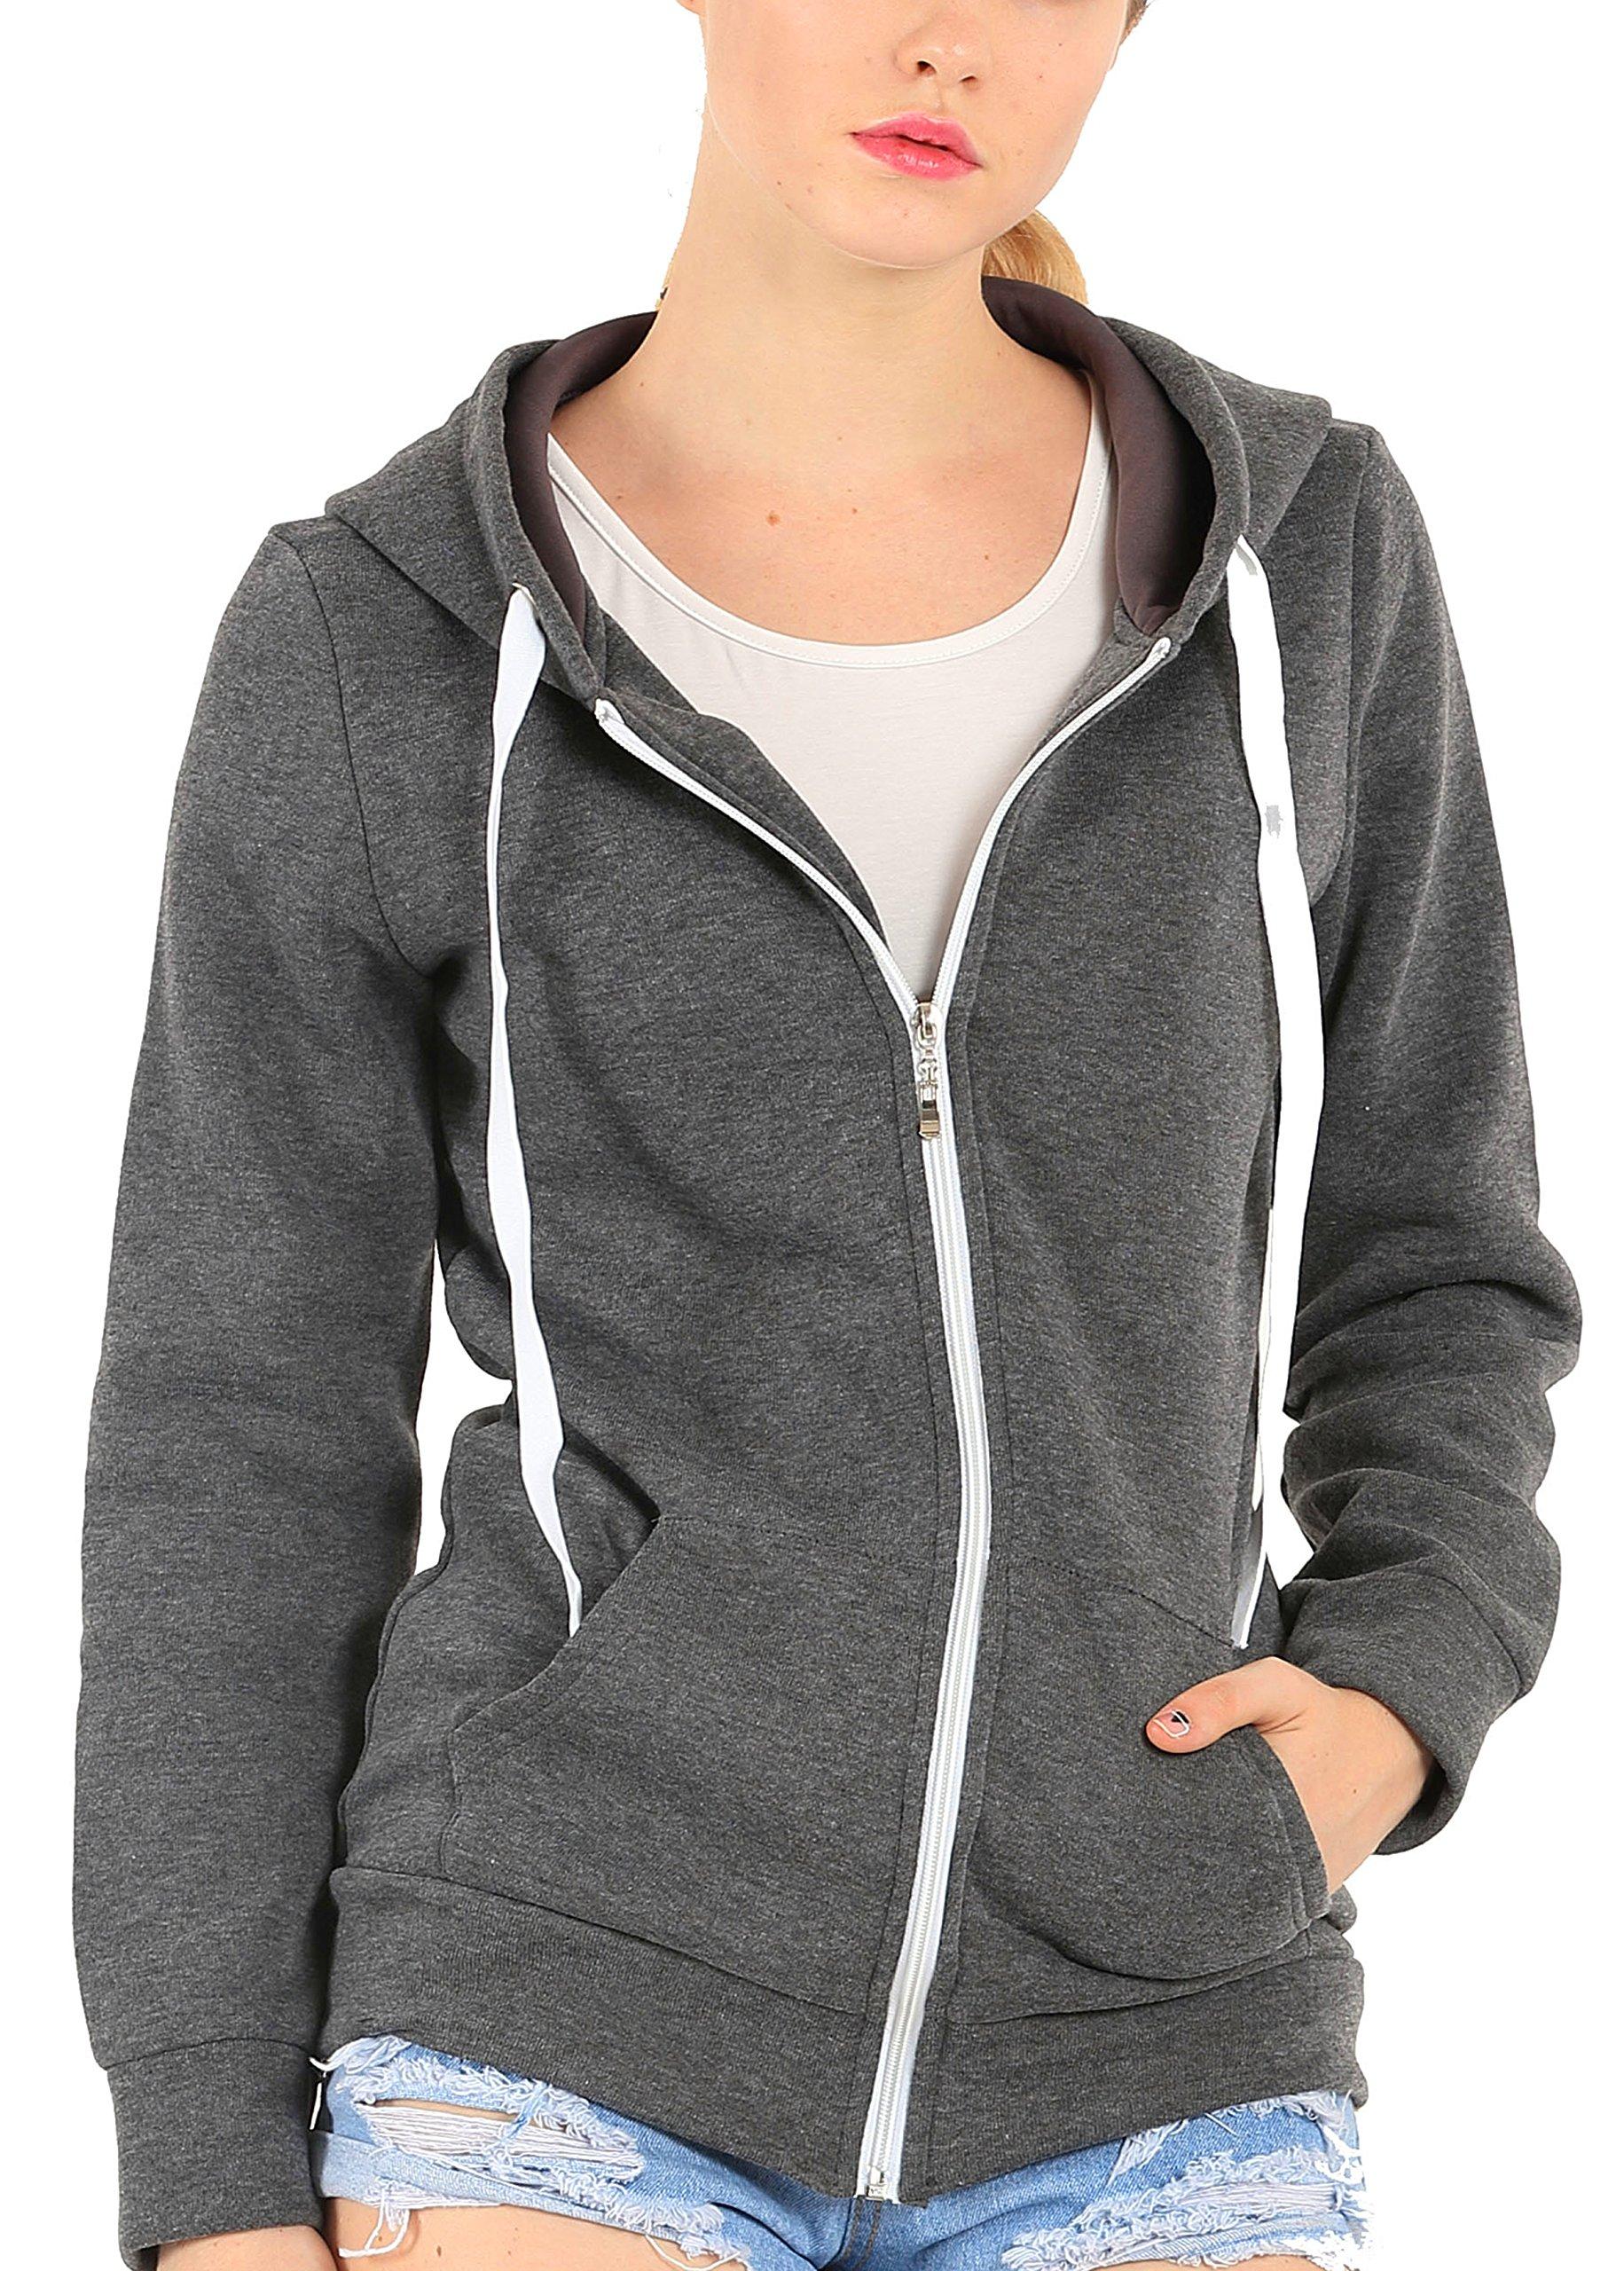 Easyhon Womens Soft Zip Up Fleece Hoodie Sweater